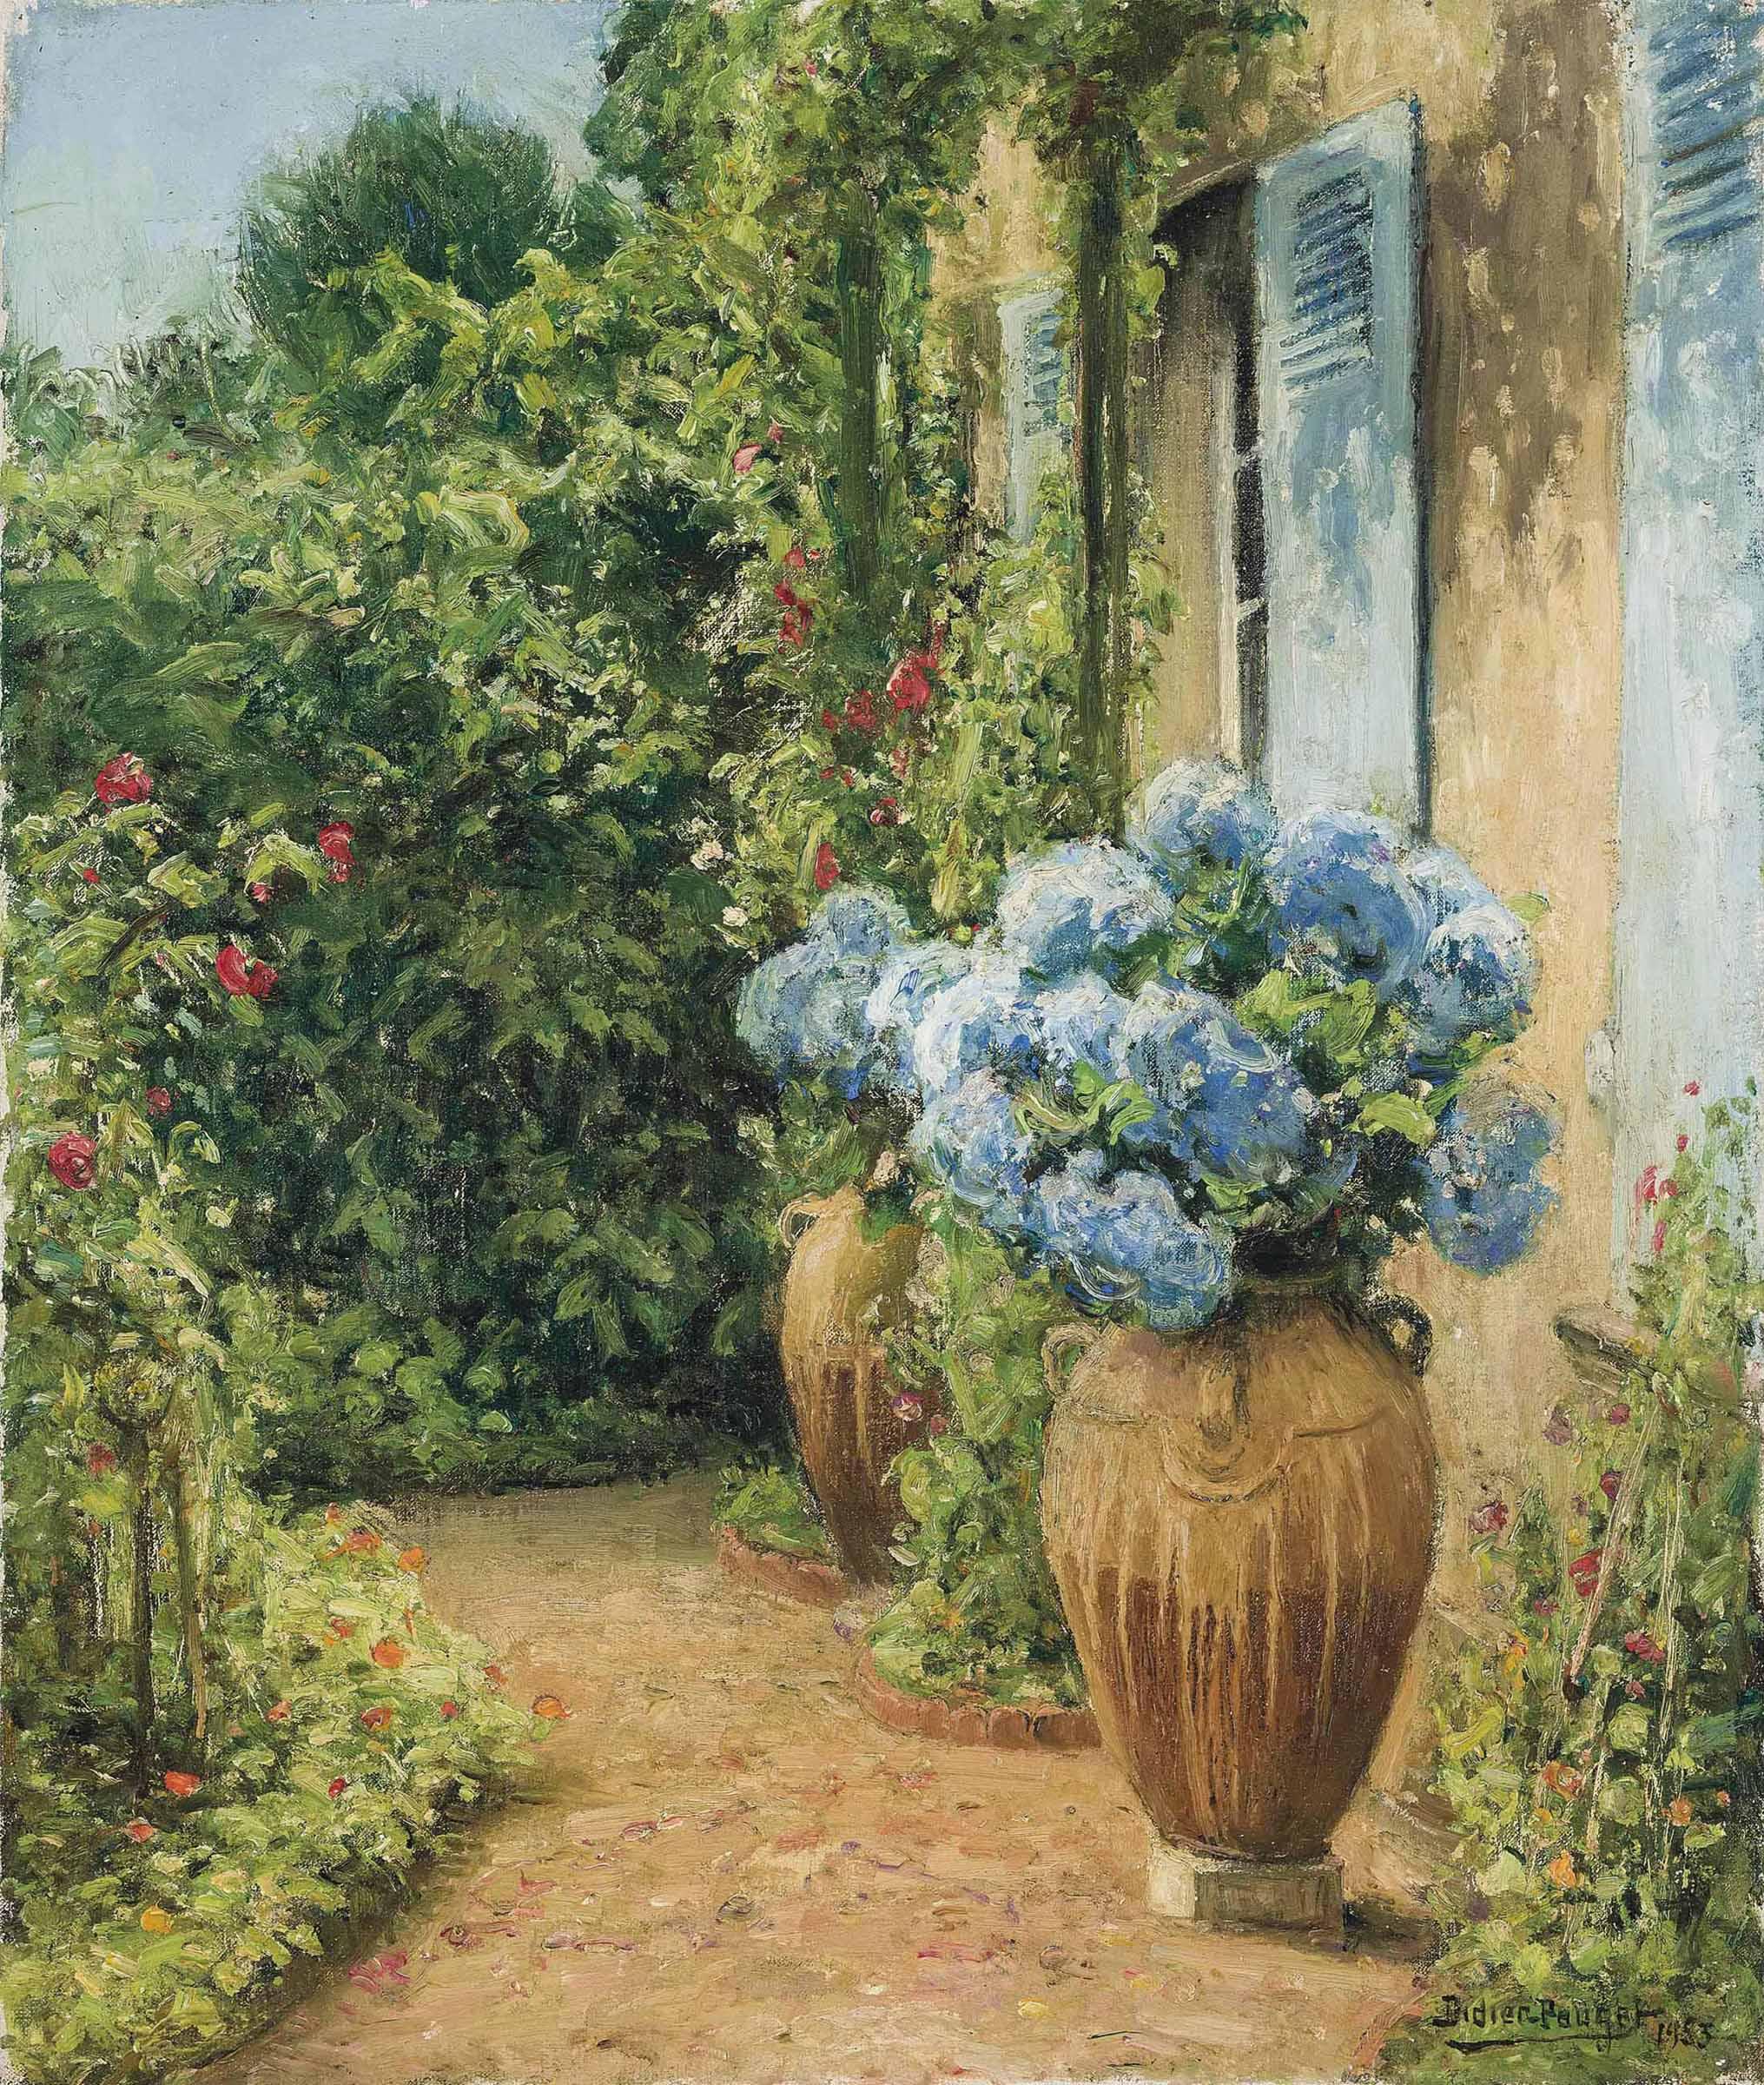 A sunlit garden